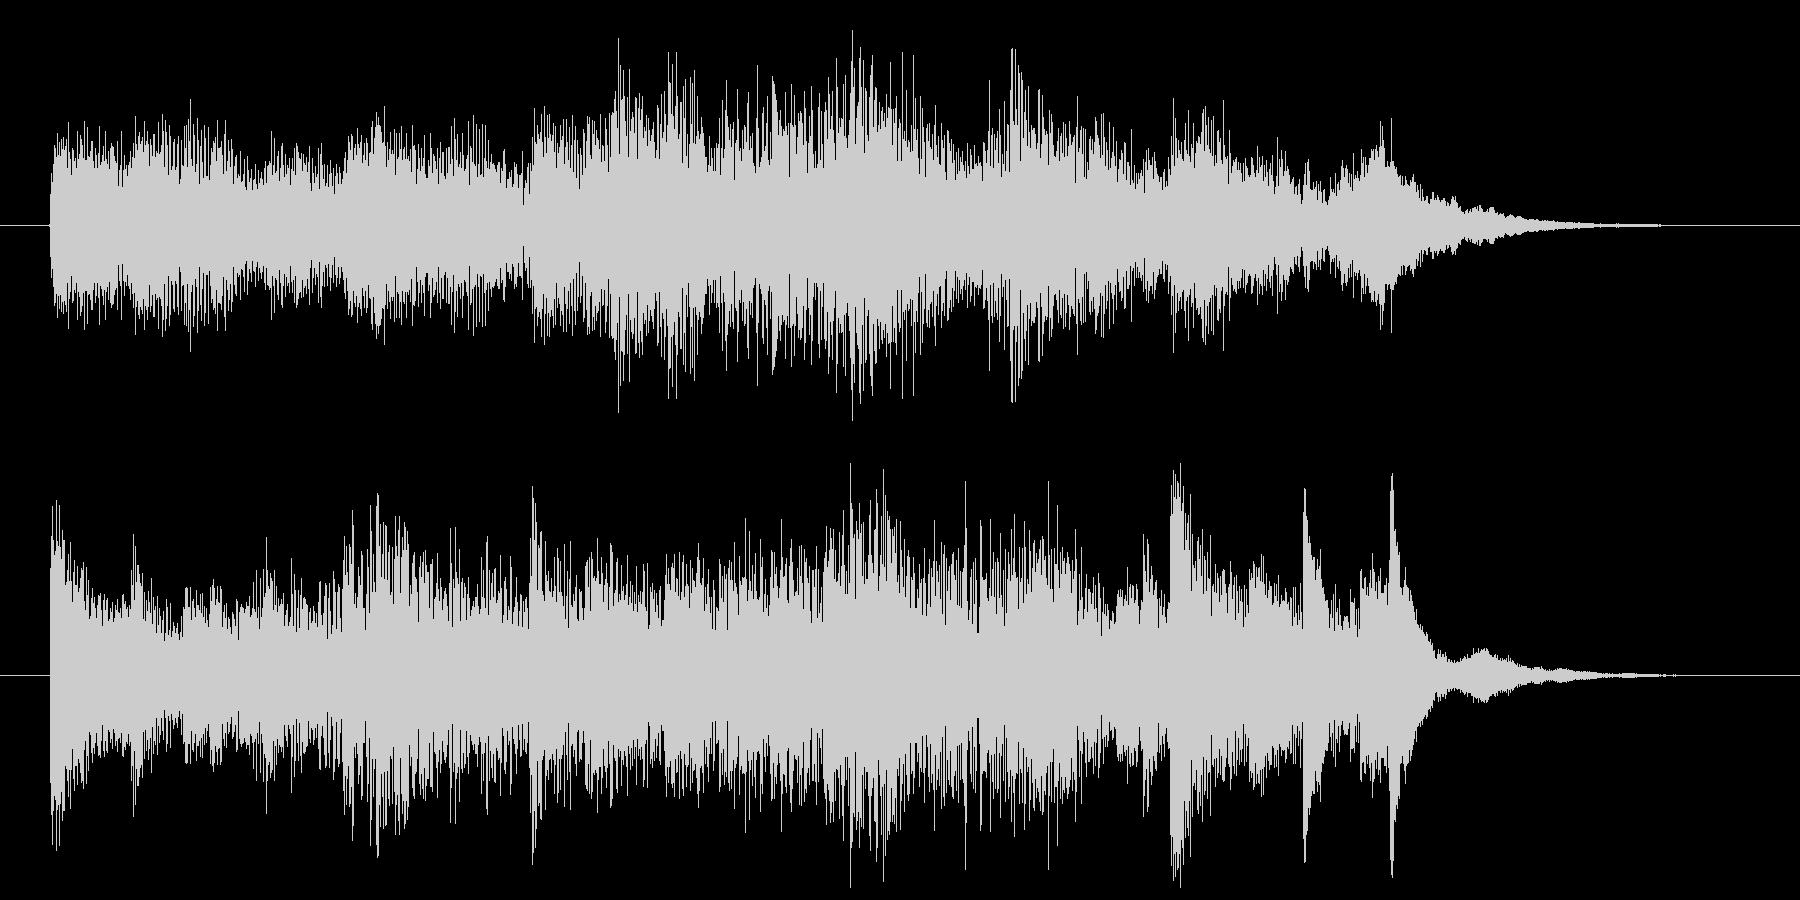 ピアノによるオシャレなサウンドロゴの未再生の波形